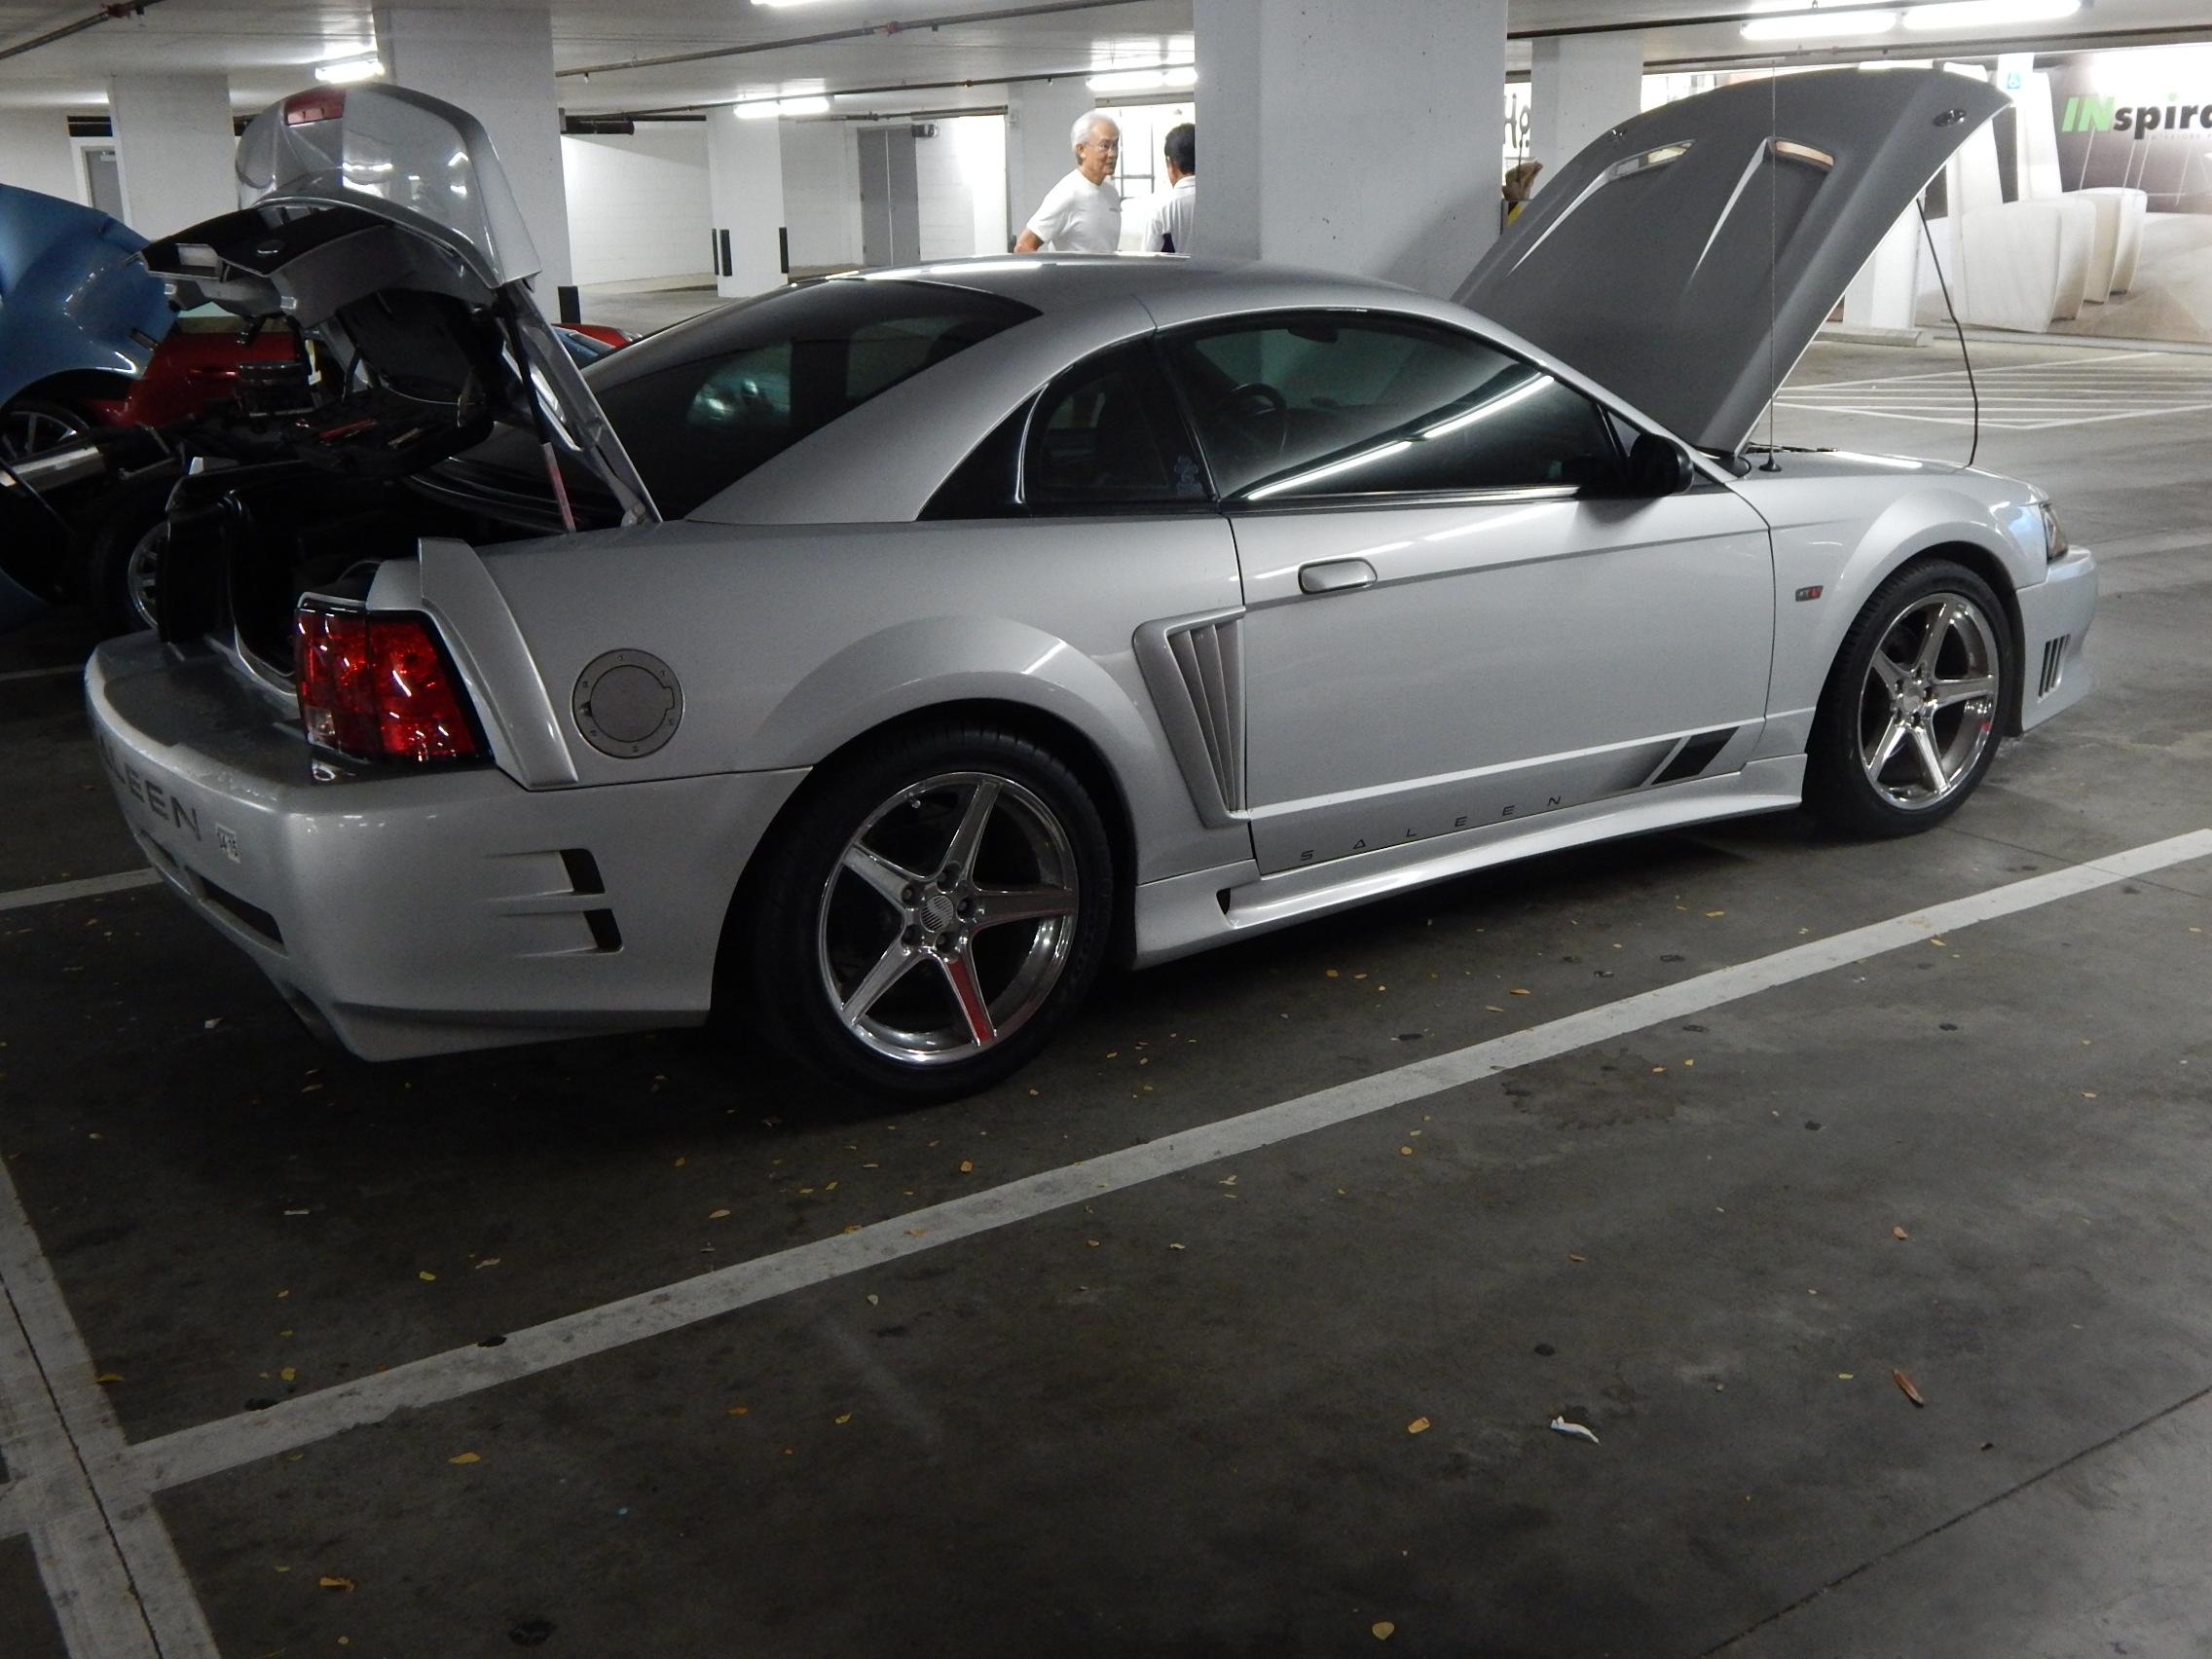 Saleen Mustang_01.JPG